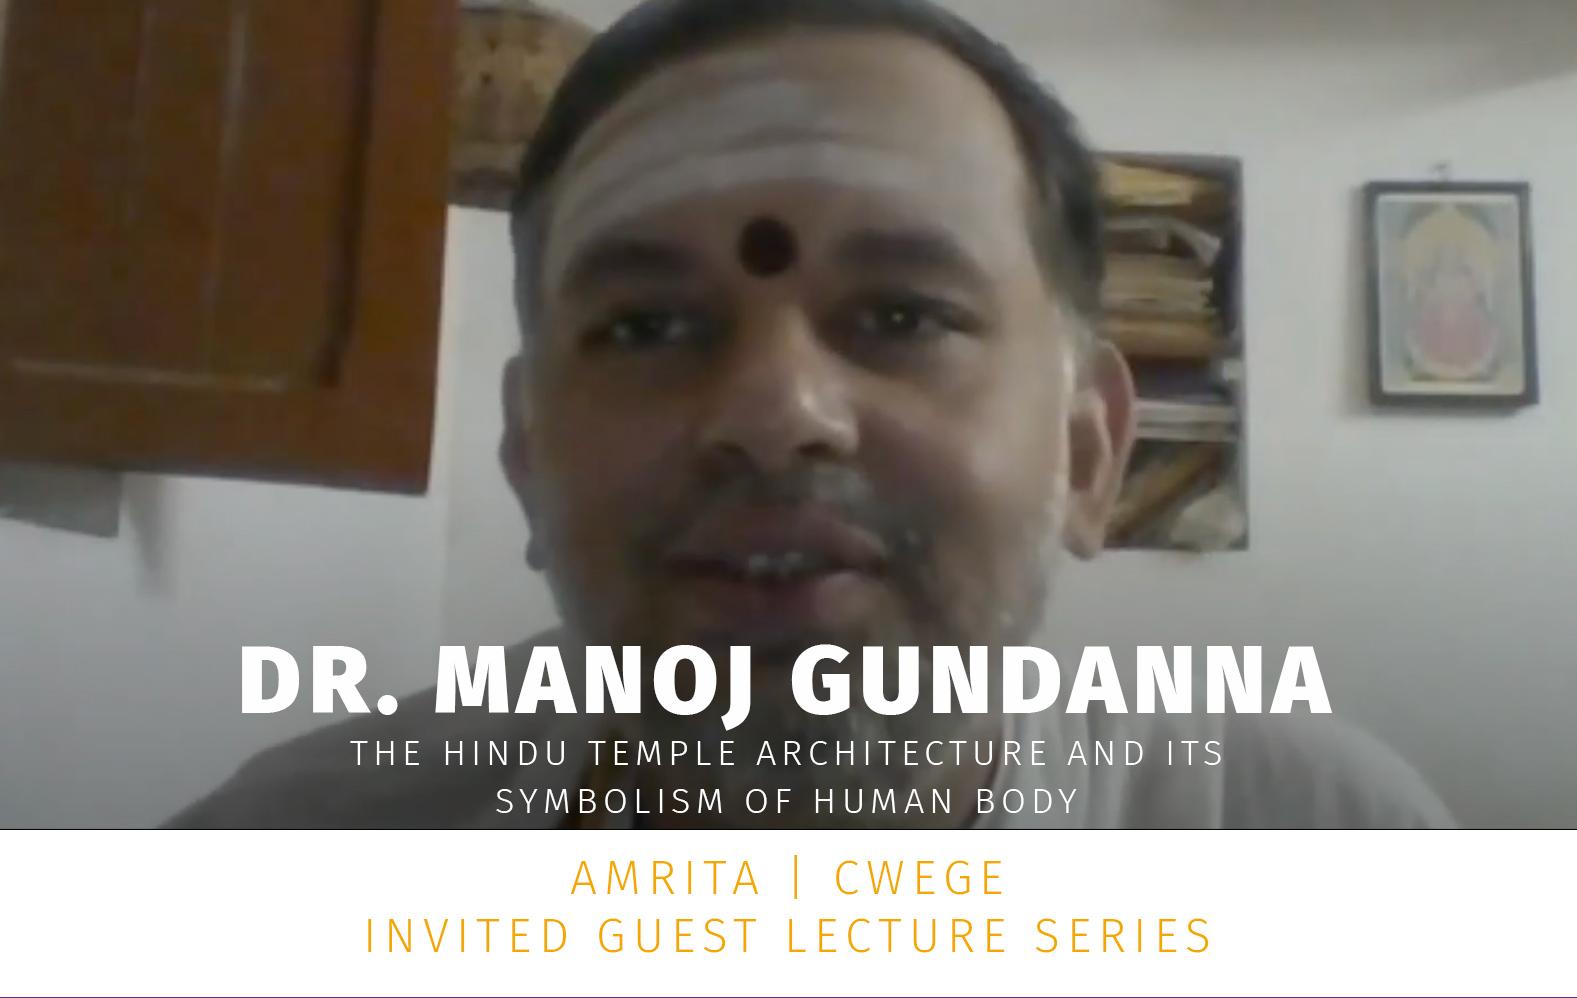 Dr. Manoj Gundanna